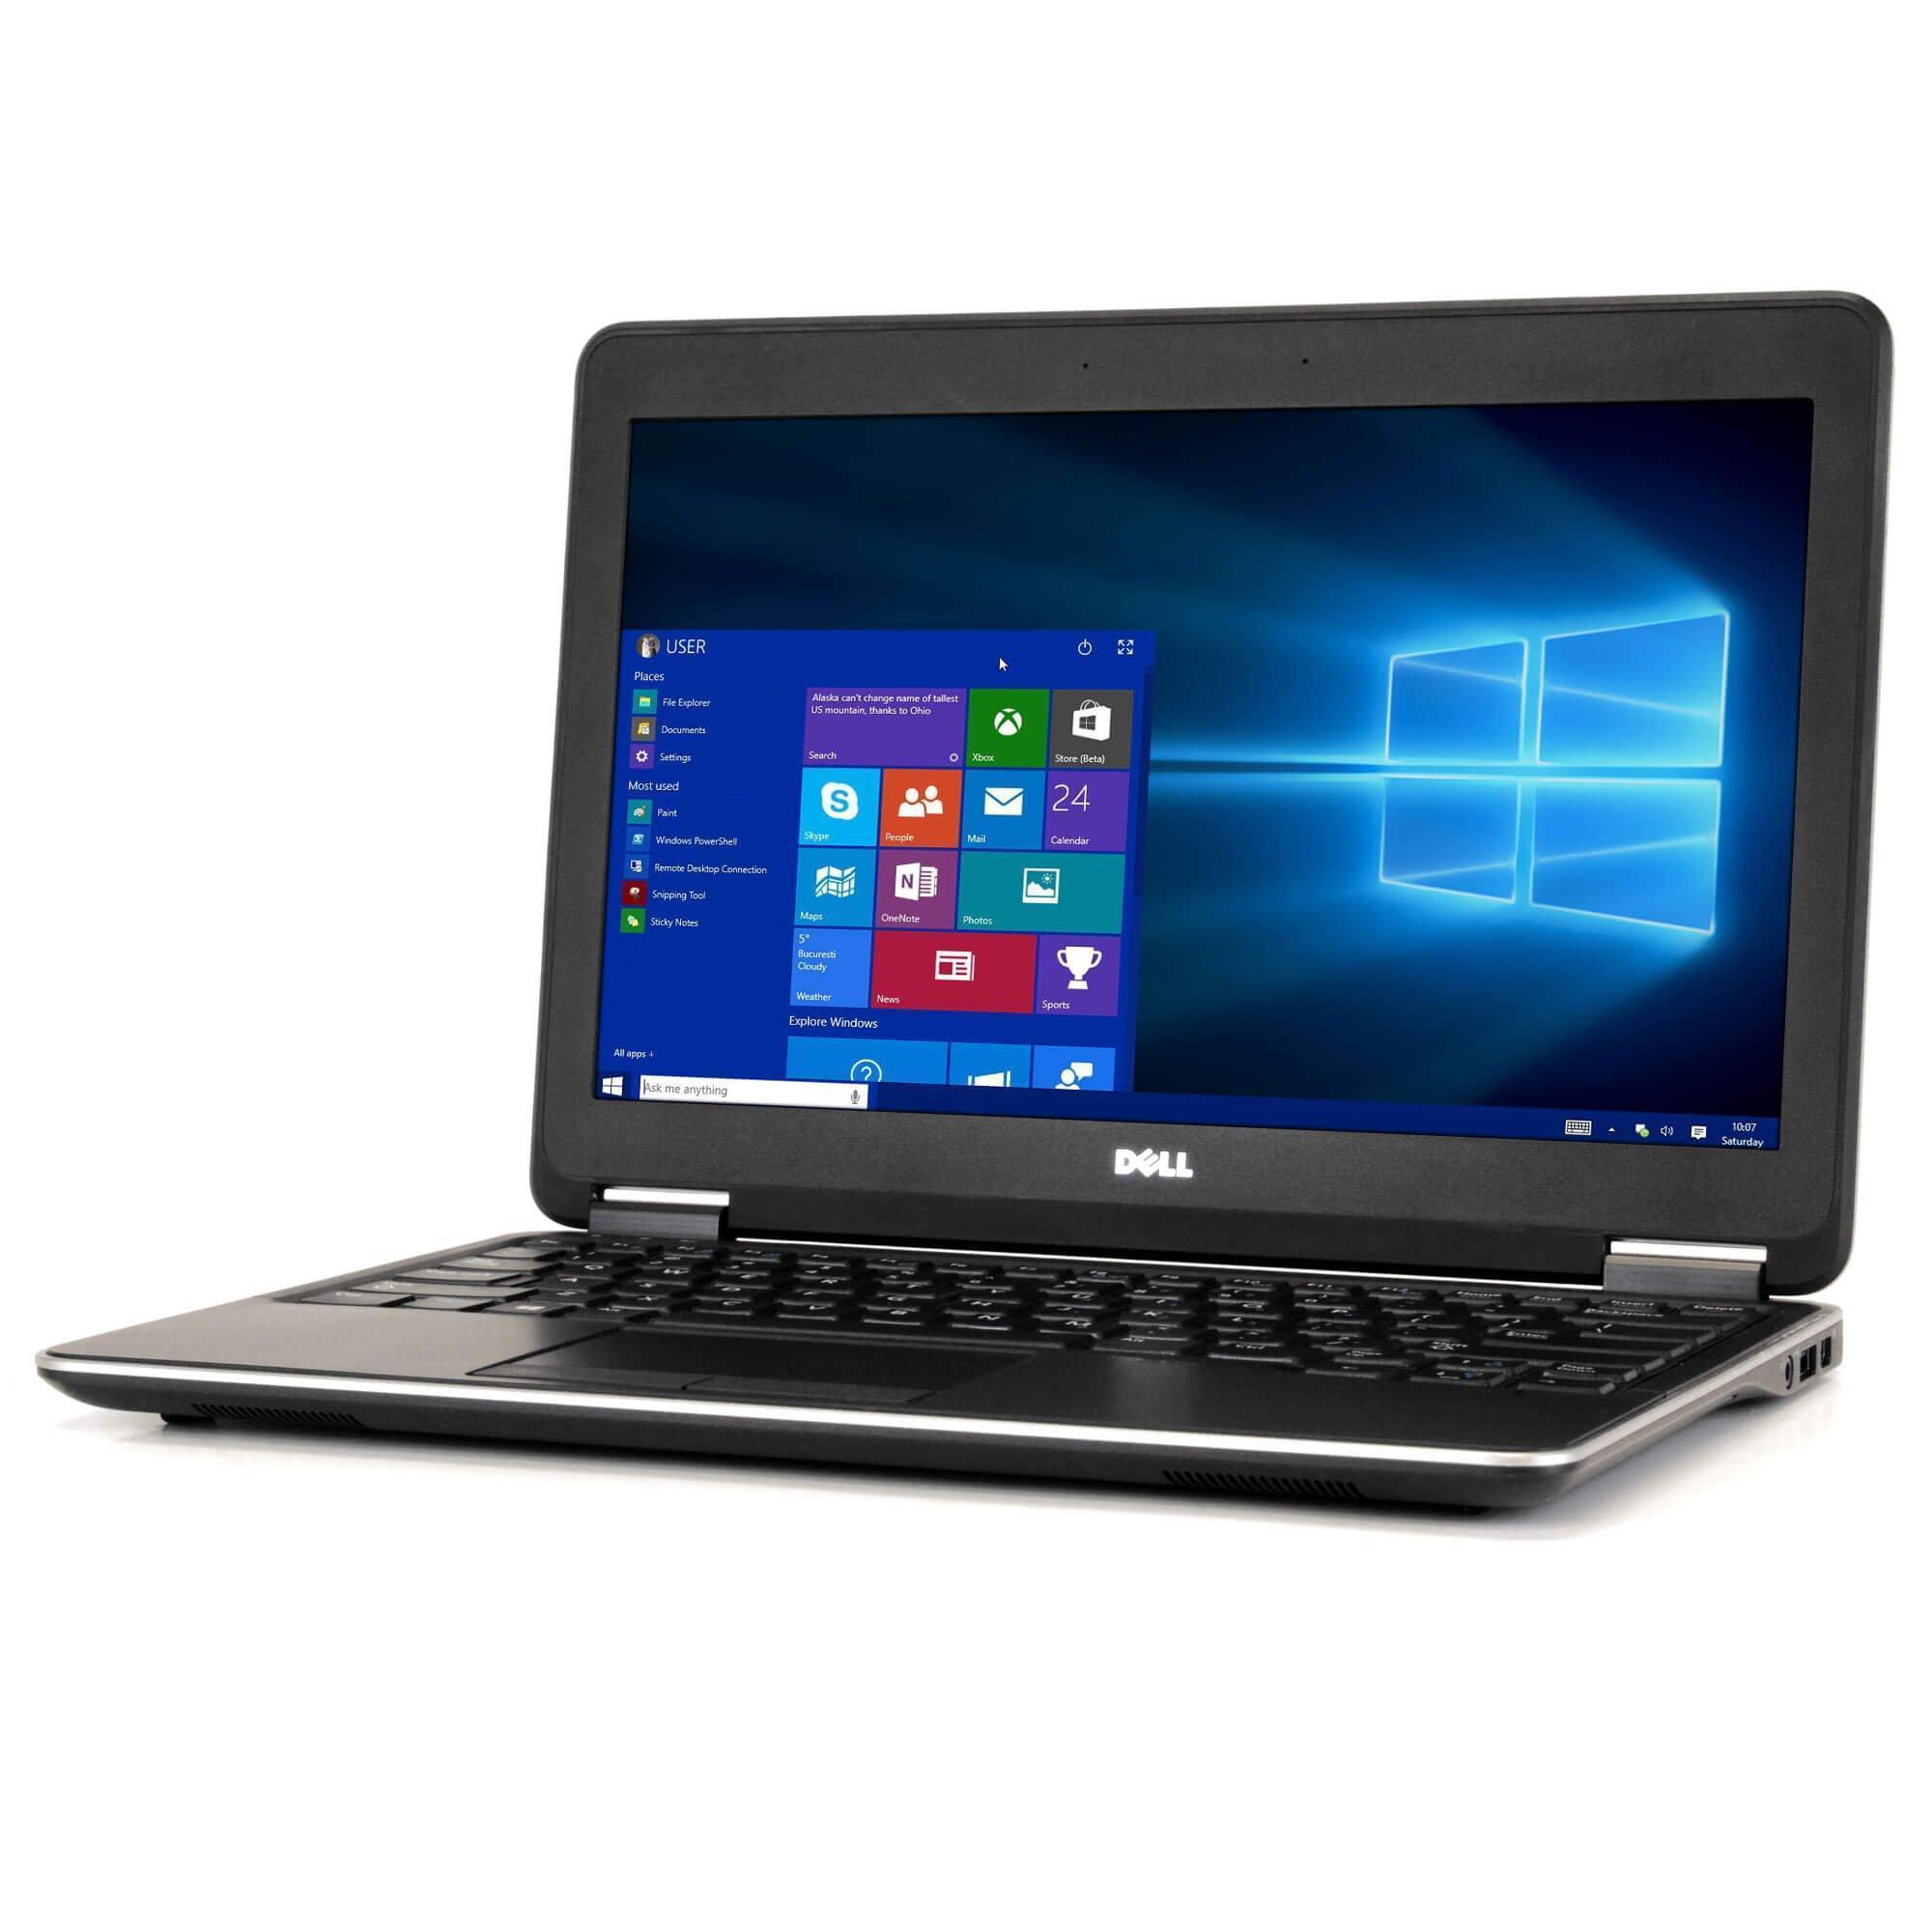 Dell Latitude E7240 12-inch (2014) - Core i5-4200U - 8 GB  - SSD 128 GB